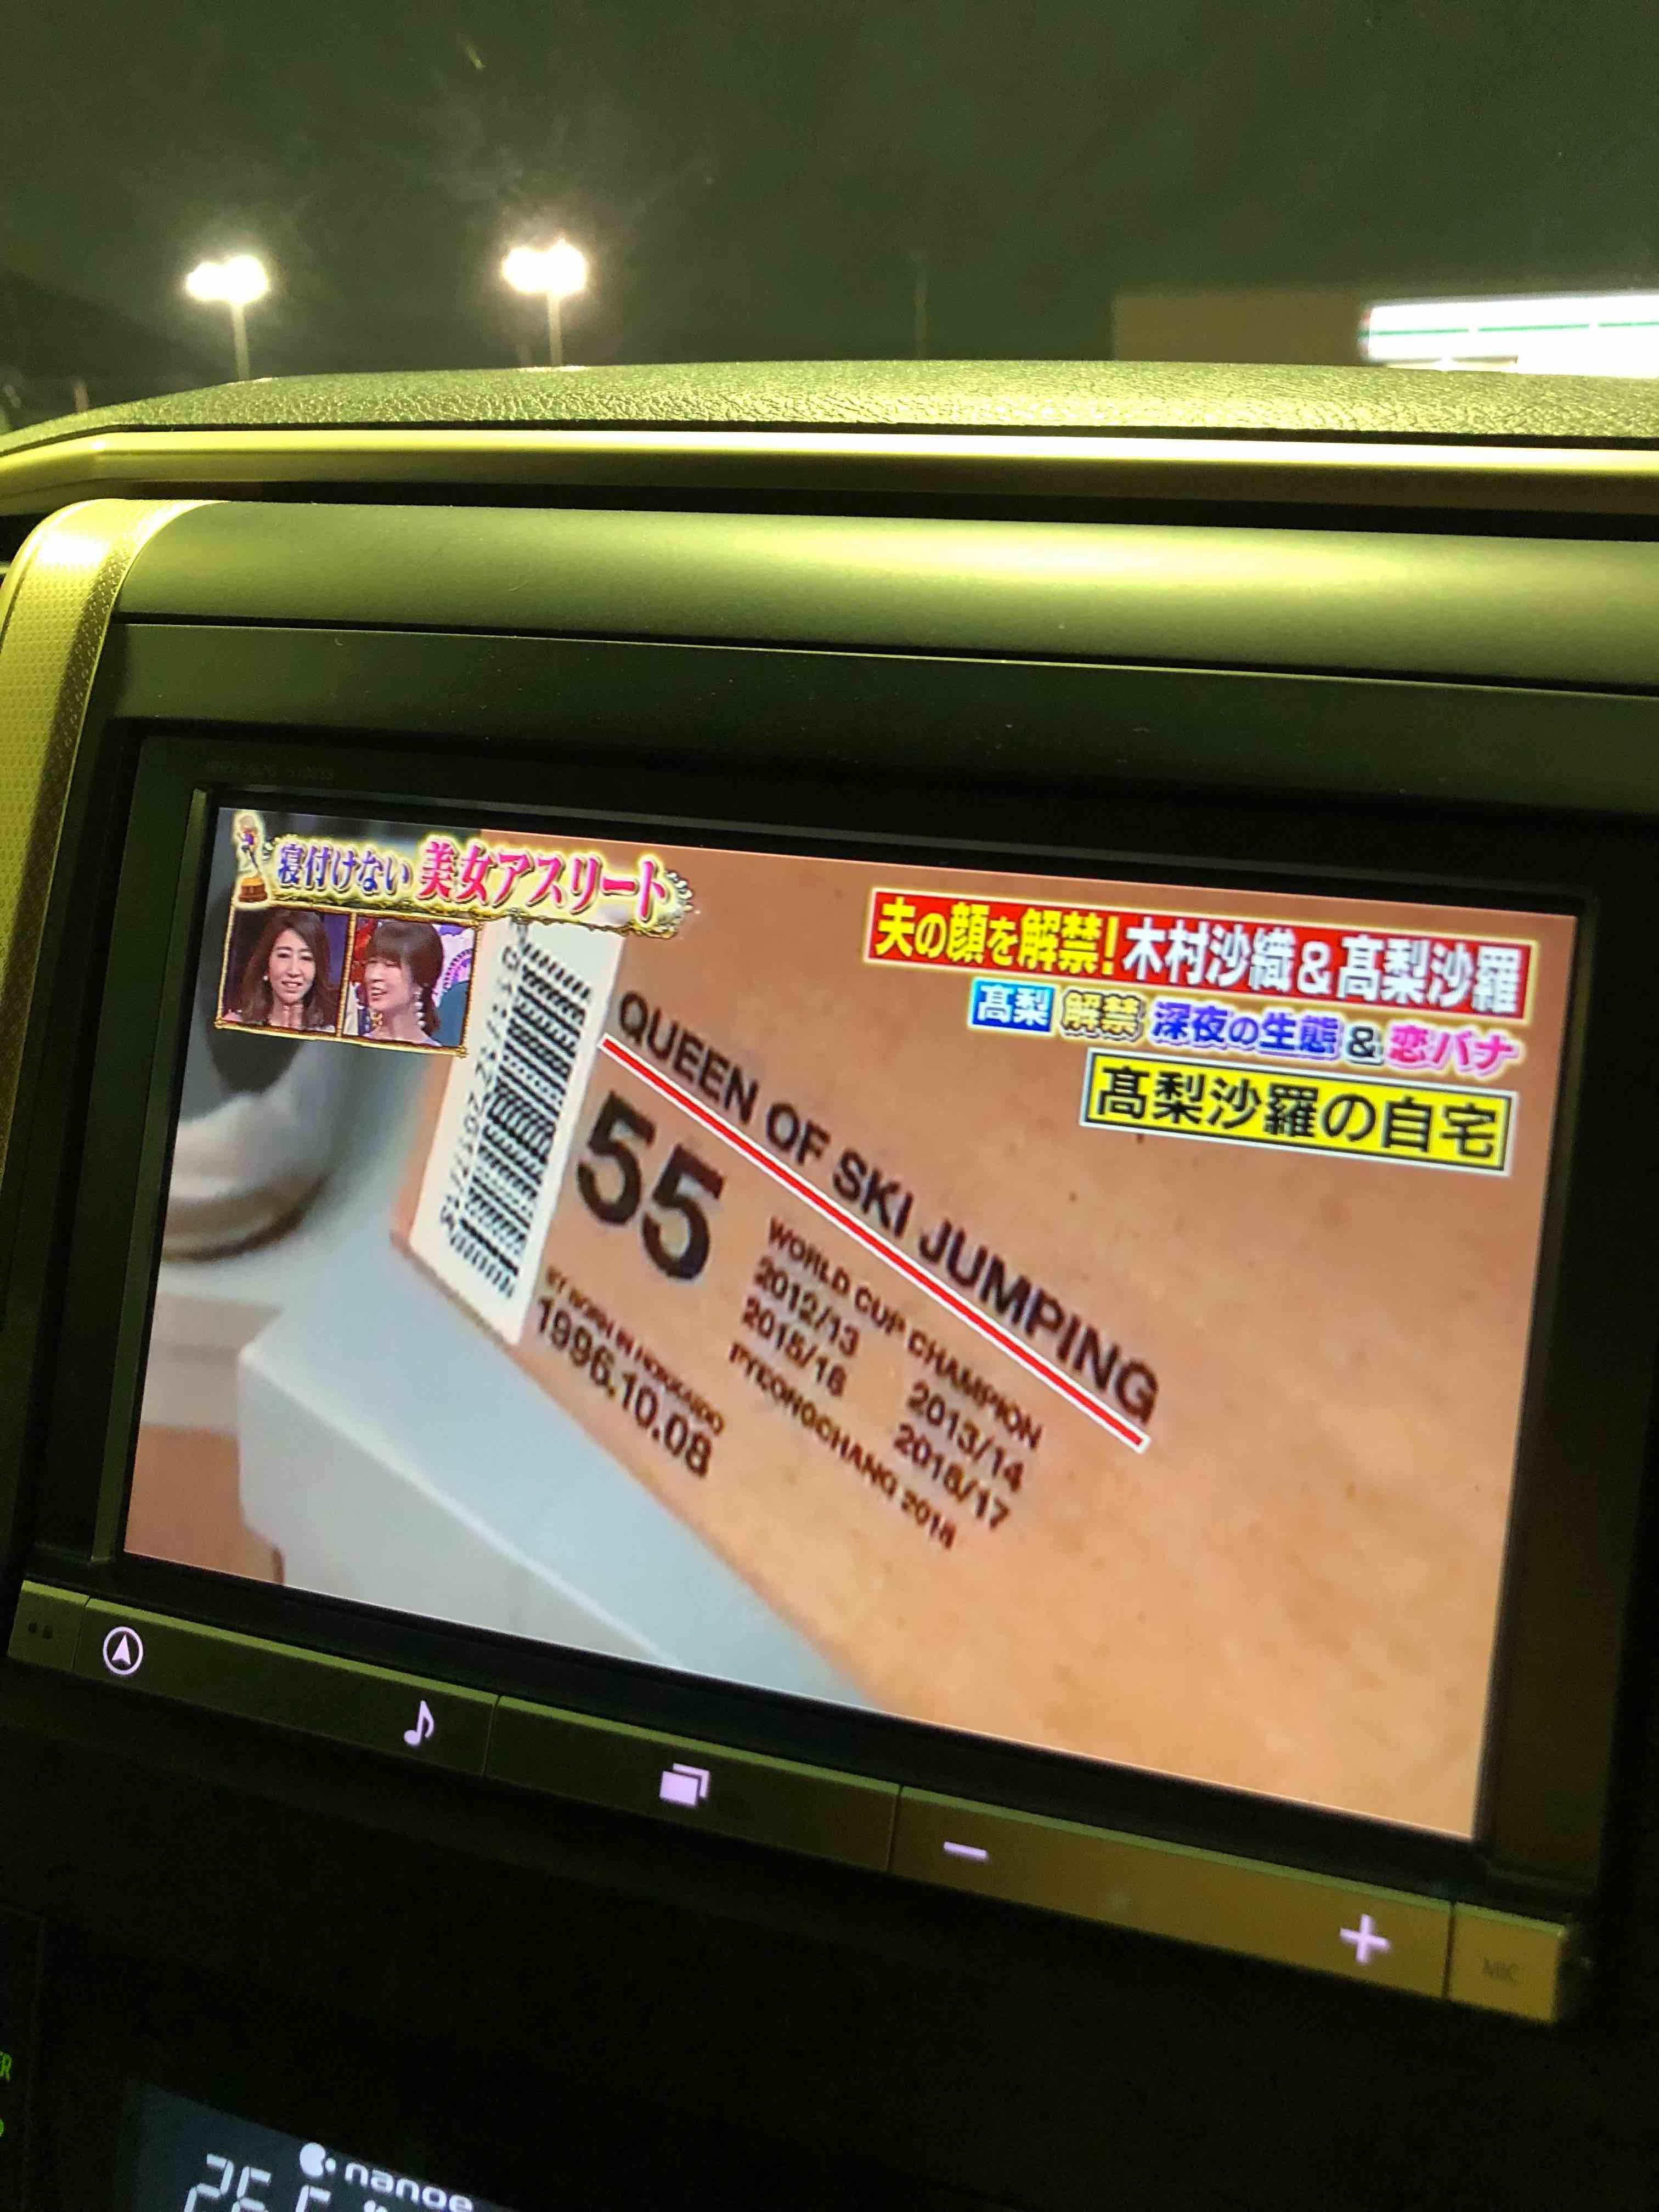 いまテレビに出ましたが、高梨沙羅さんのスニーカーコレクションがやばい! off